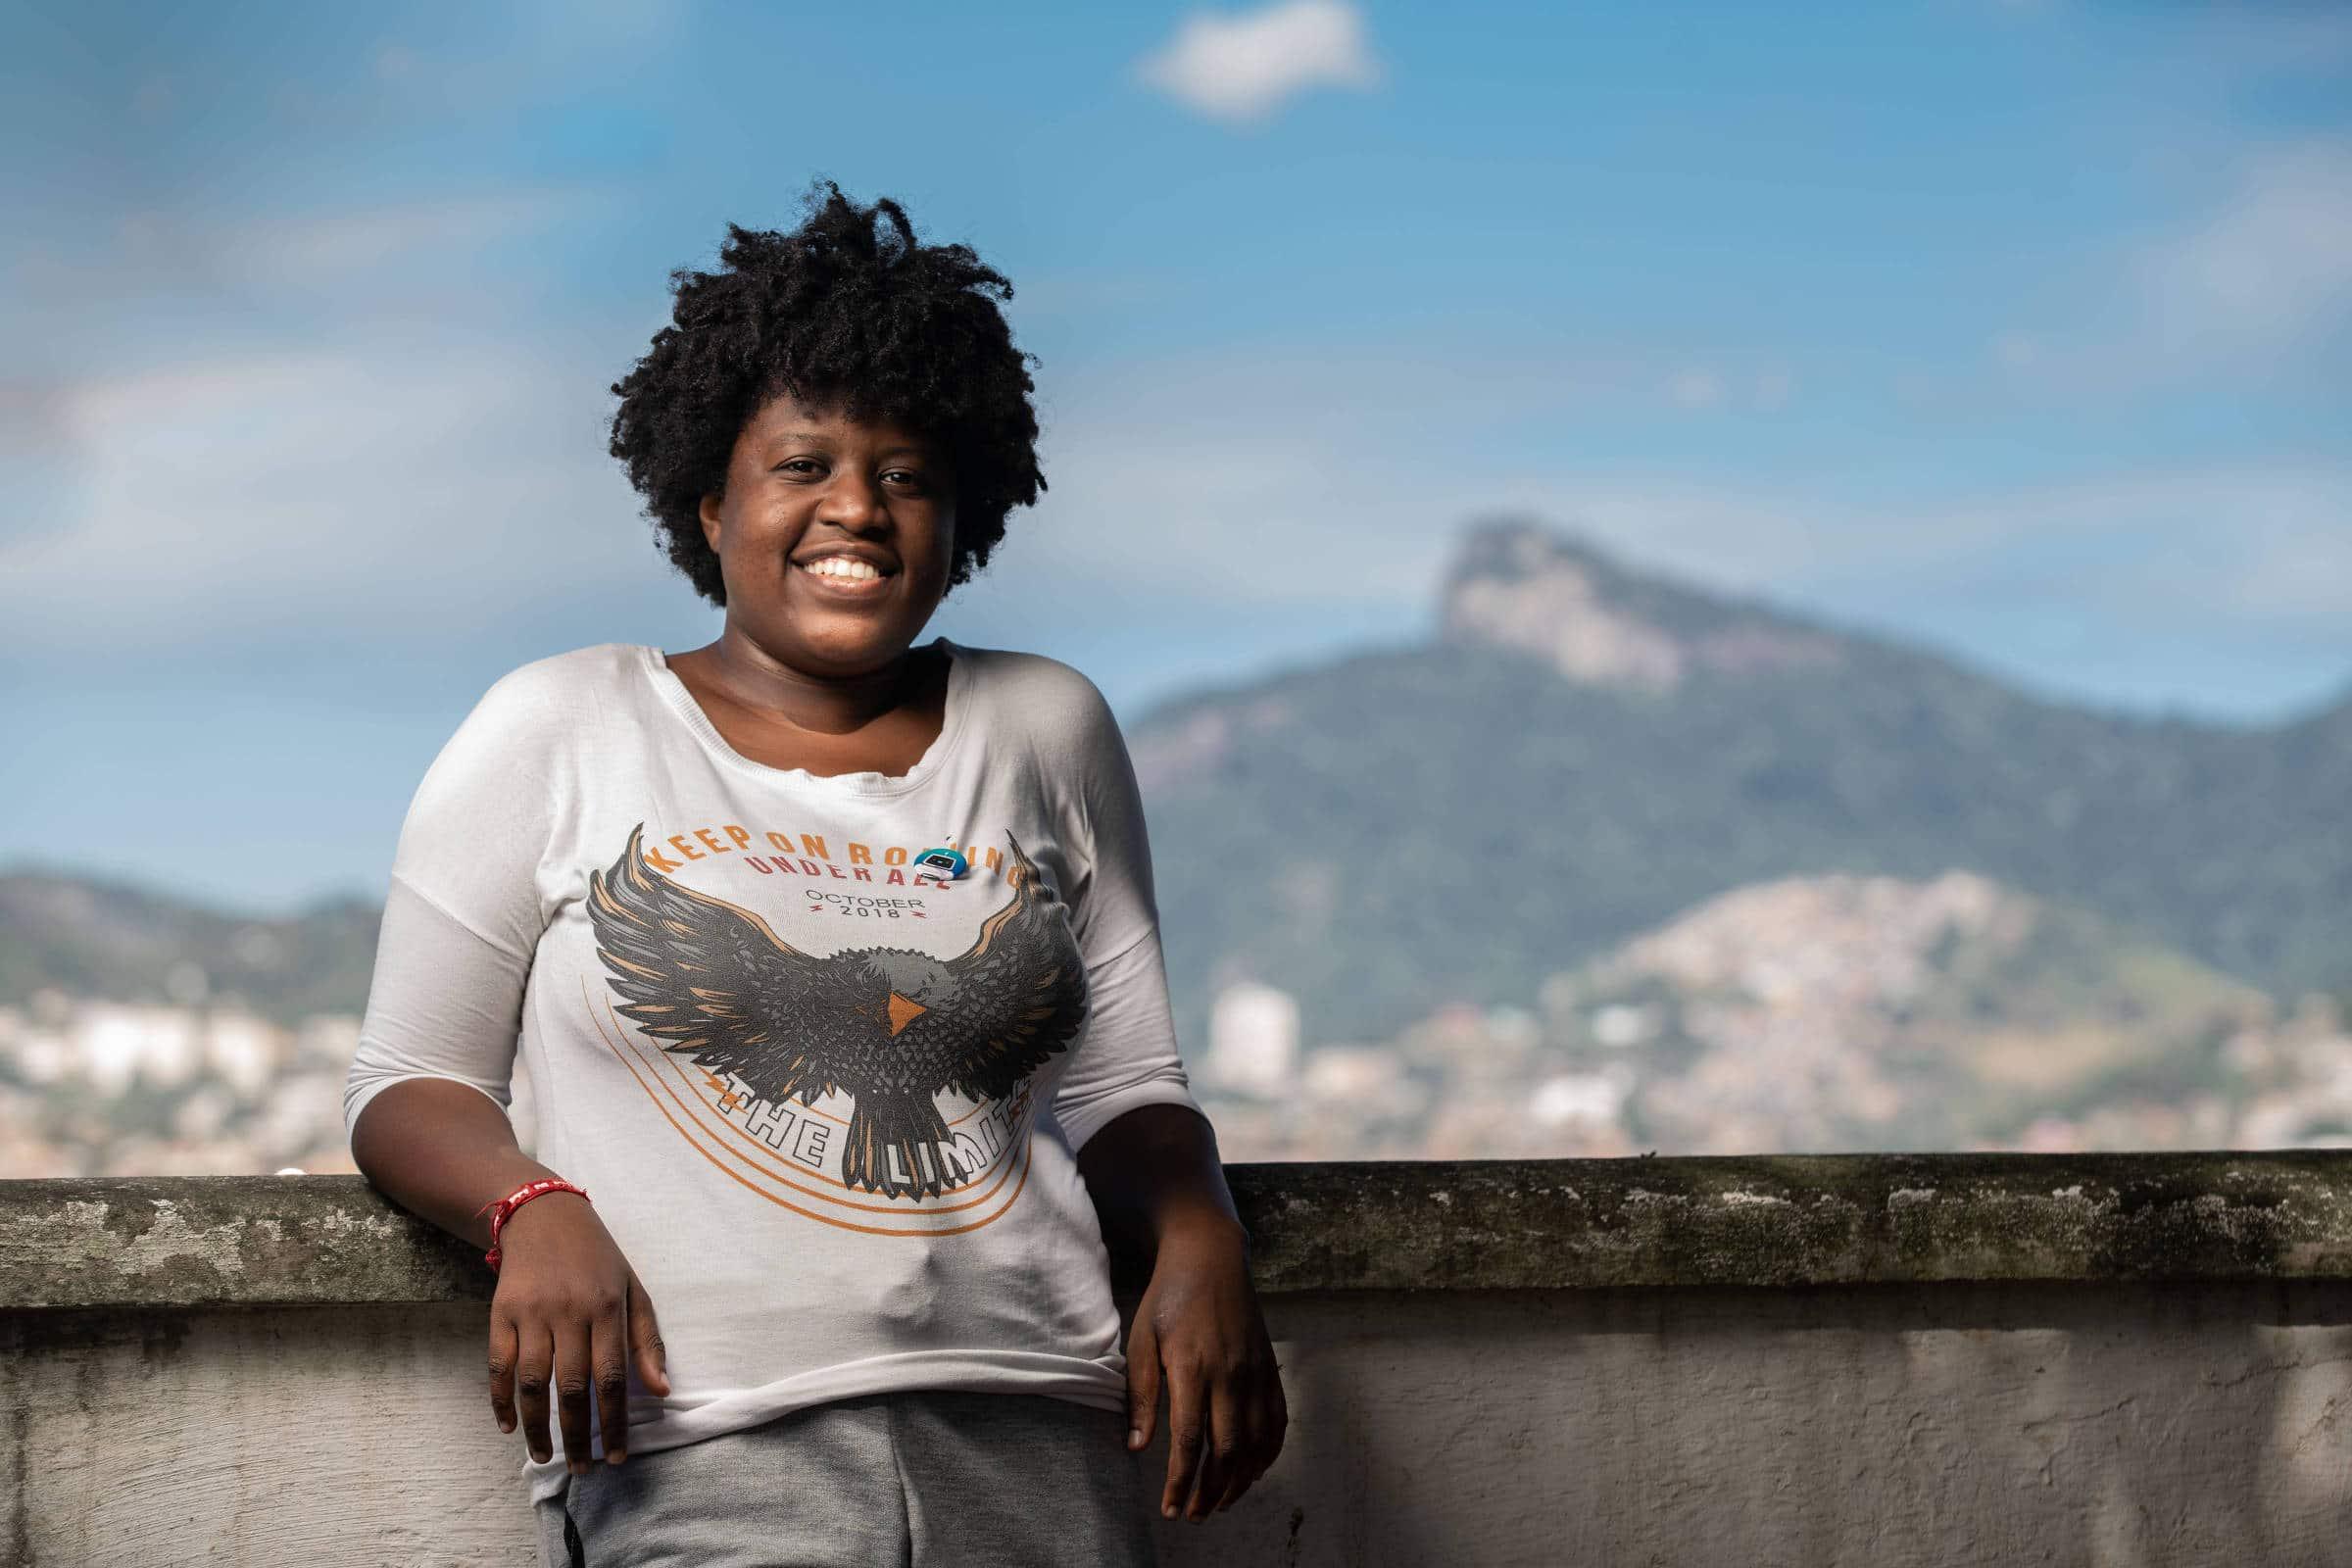 Ana Carolina da Hora, 24, aluna de ciência da computação de Duque de Caxias (RJ) - Ricardo Borges/Folhapress